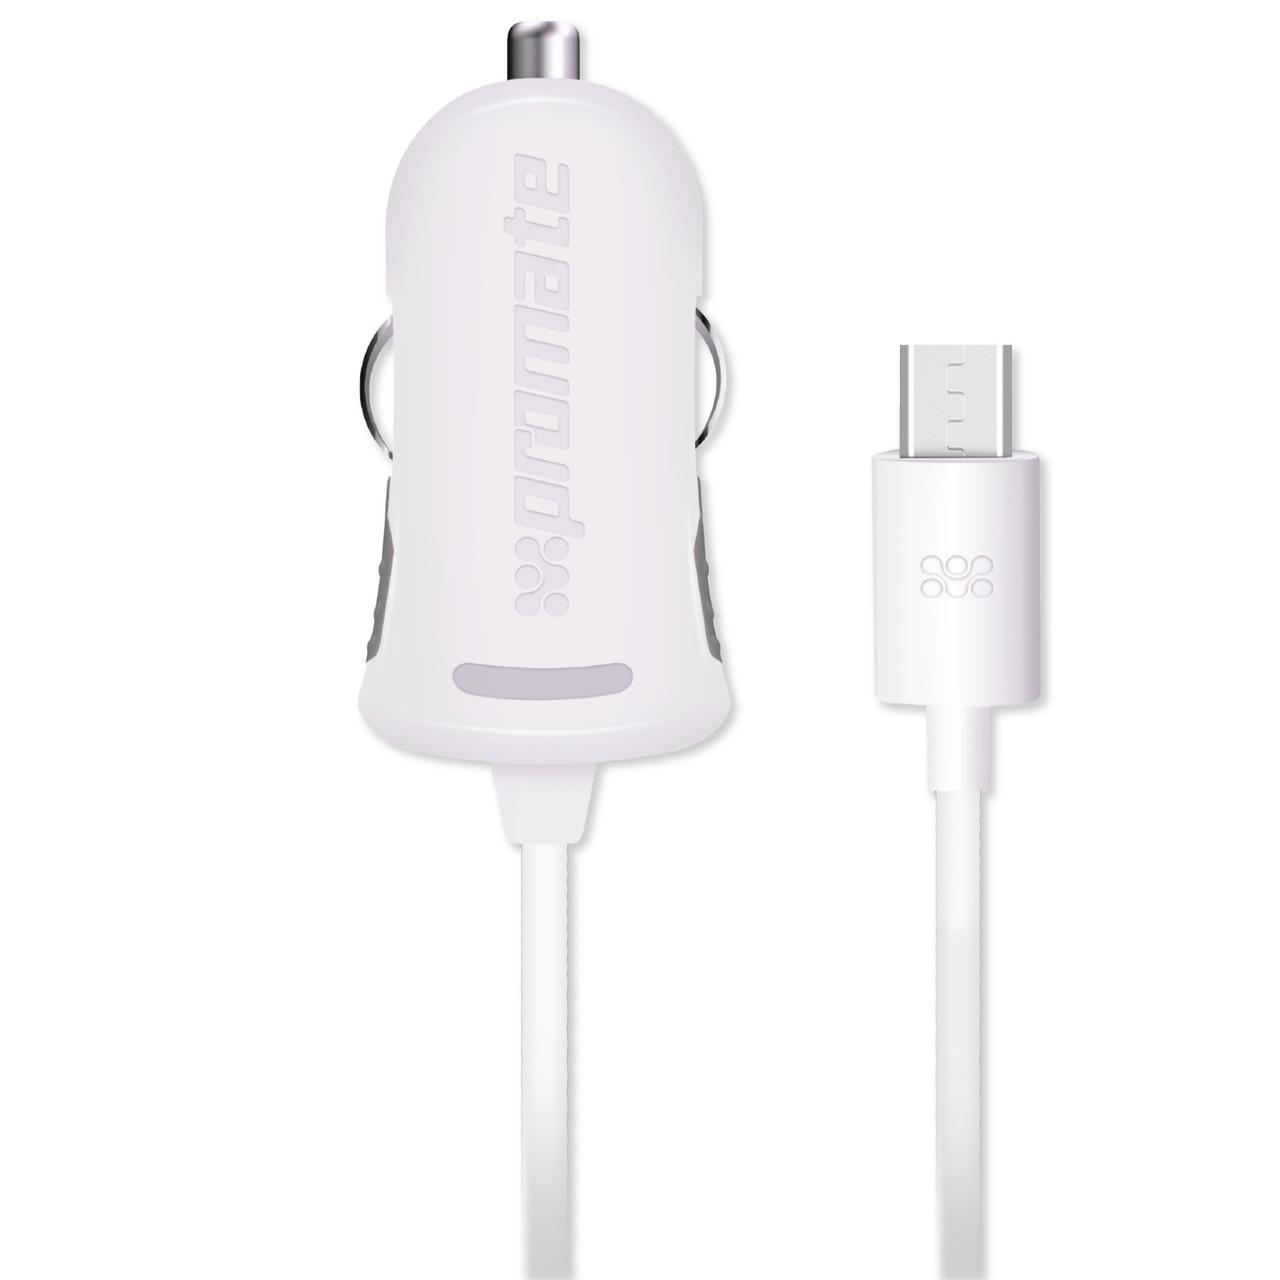 Автомобильное зарядное устройство Promate Procharge-M1 White